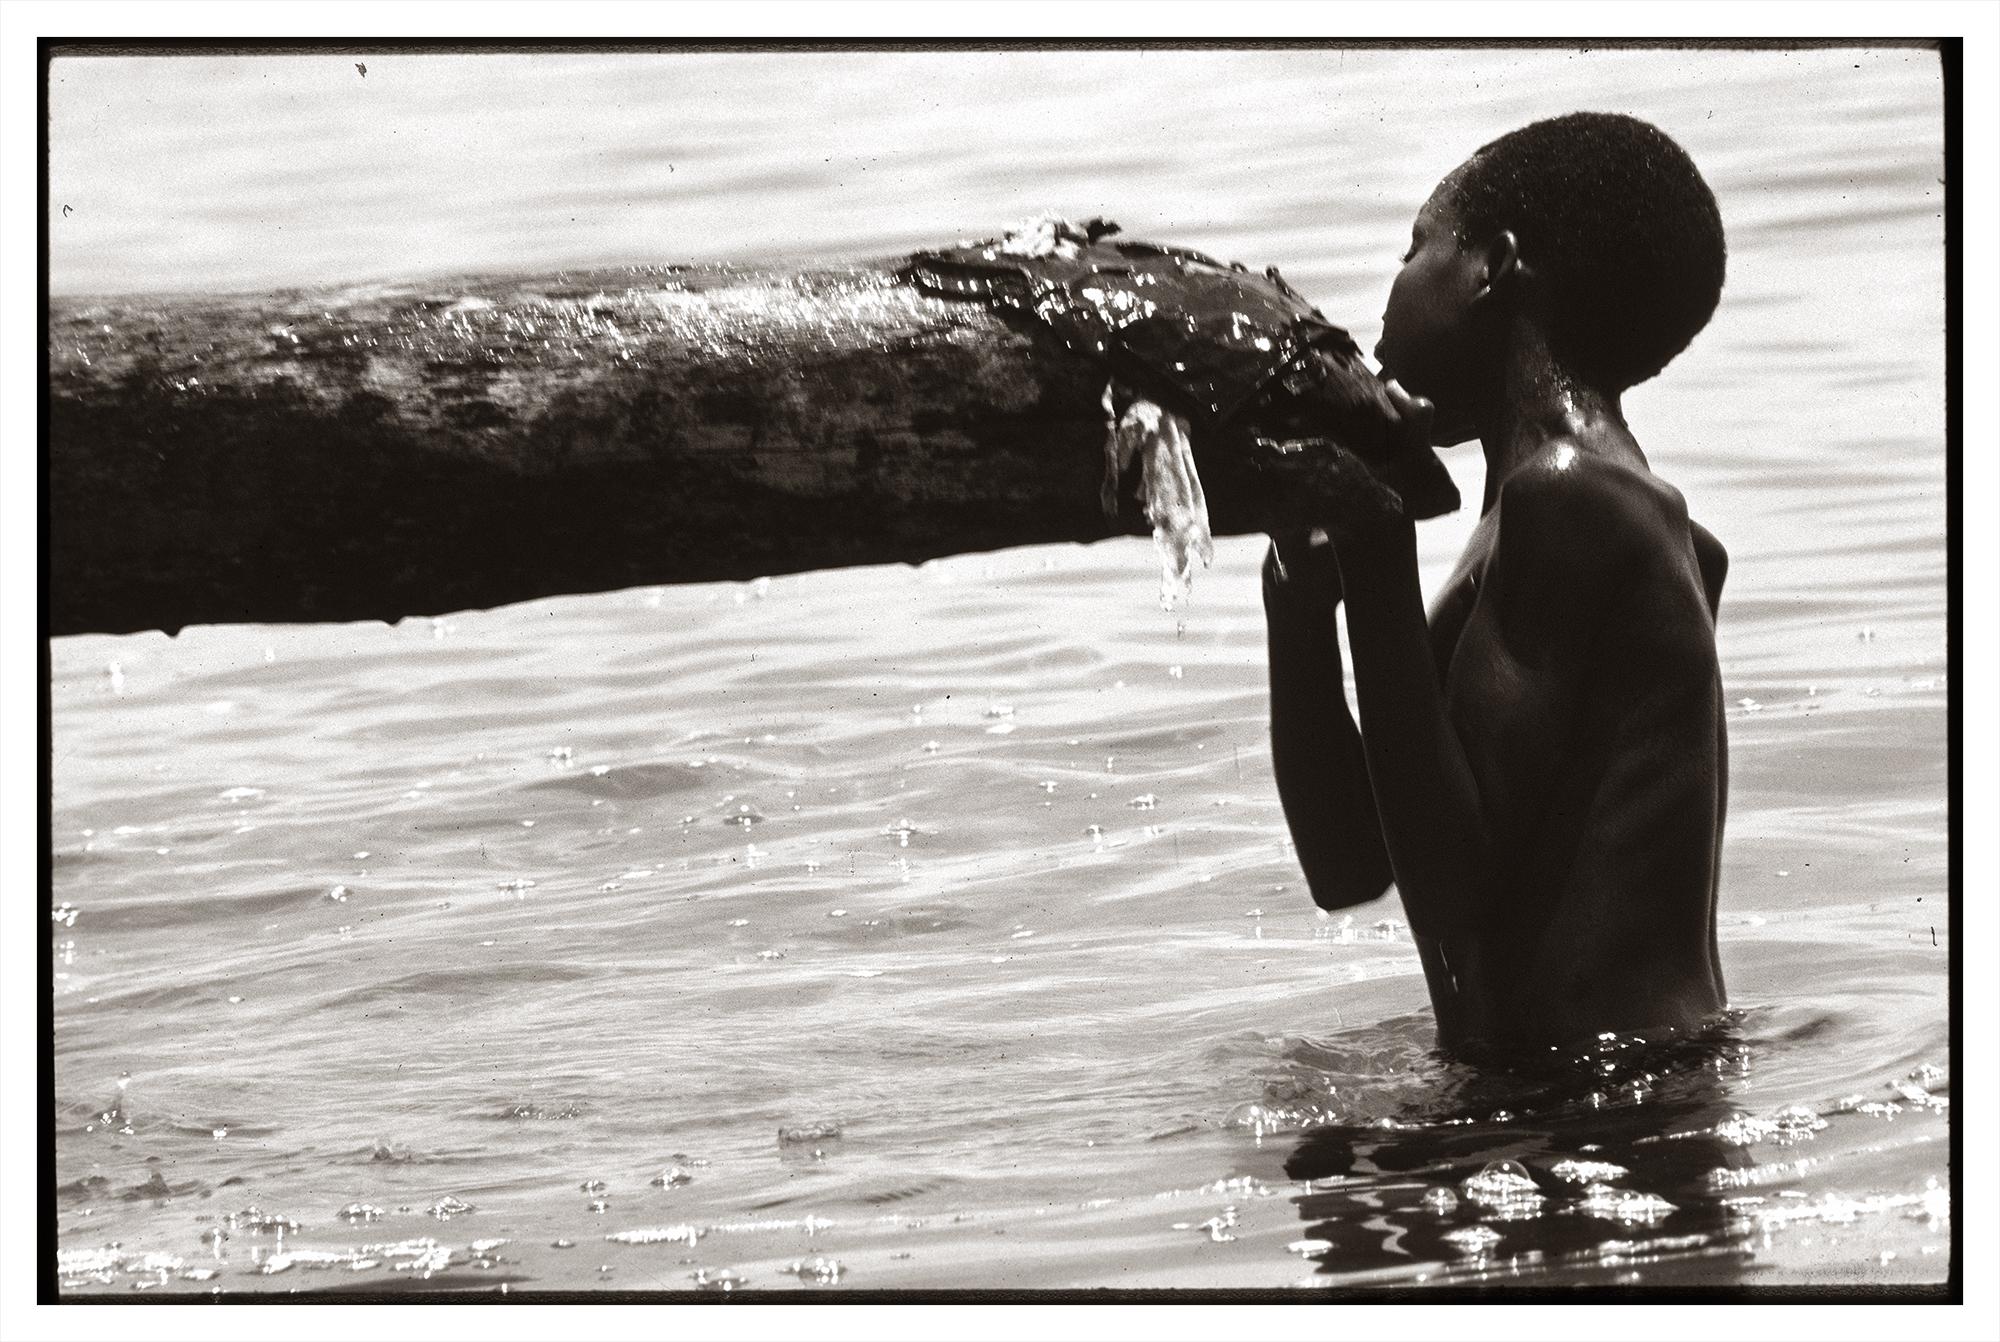 BURUNDI #7